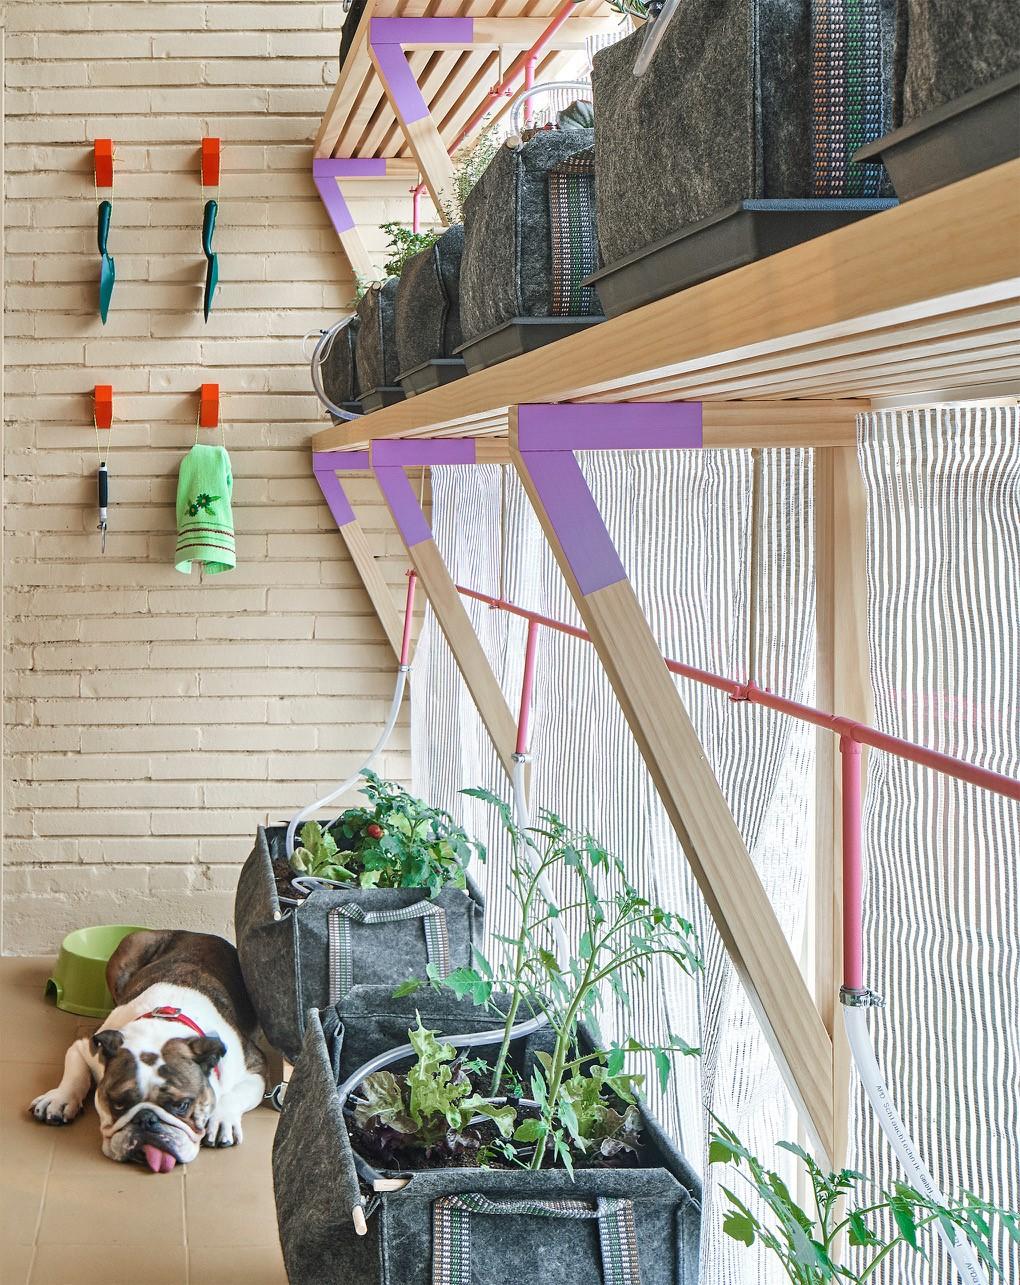 Proyecto-un-chico-un-bulldog-un-huerto-y-la-casa-que-comparten-de-huso-arquitectos-4